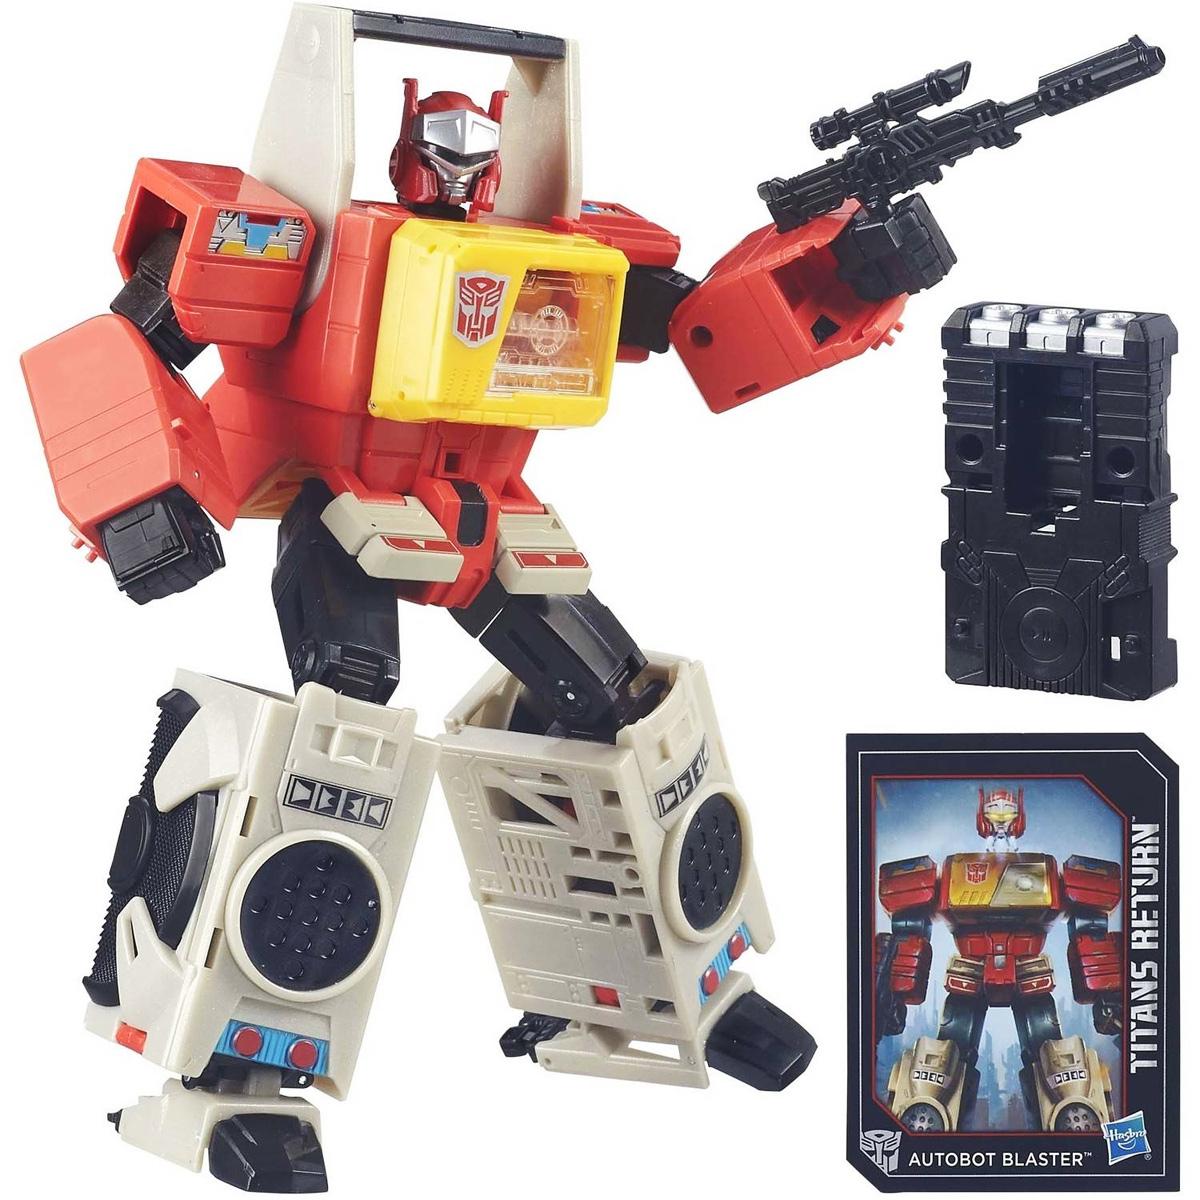 Transformers Трансформер Twin Cast & Autobot BlasterB7997EU4_B5613Трансформер Transformers Twin Cast & Autobot Blaster обязательно понравится всем маленьким поклонникам знаменитых Трансформеров! Фигурка выполнена из прочного пластика. В несколько простых шагов (19 шагов) малыш сможет трансформировать фигурку робота в стильный бумбокс, а далее в режим города и обратно. Фигурка отличается высокой степенью детализации. Ребенок с удовольствием будет играть с трансформером, придумывая различные истории. Порадуйте его таким замечательным подарком! В комплект также входят оружие трансформера и карта персонажа с техническими характеристиками.